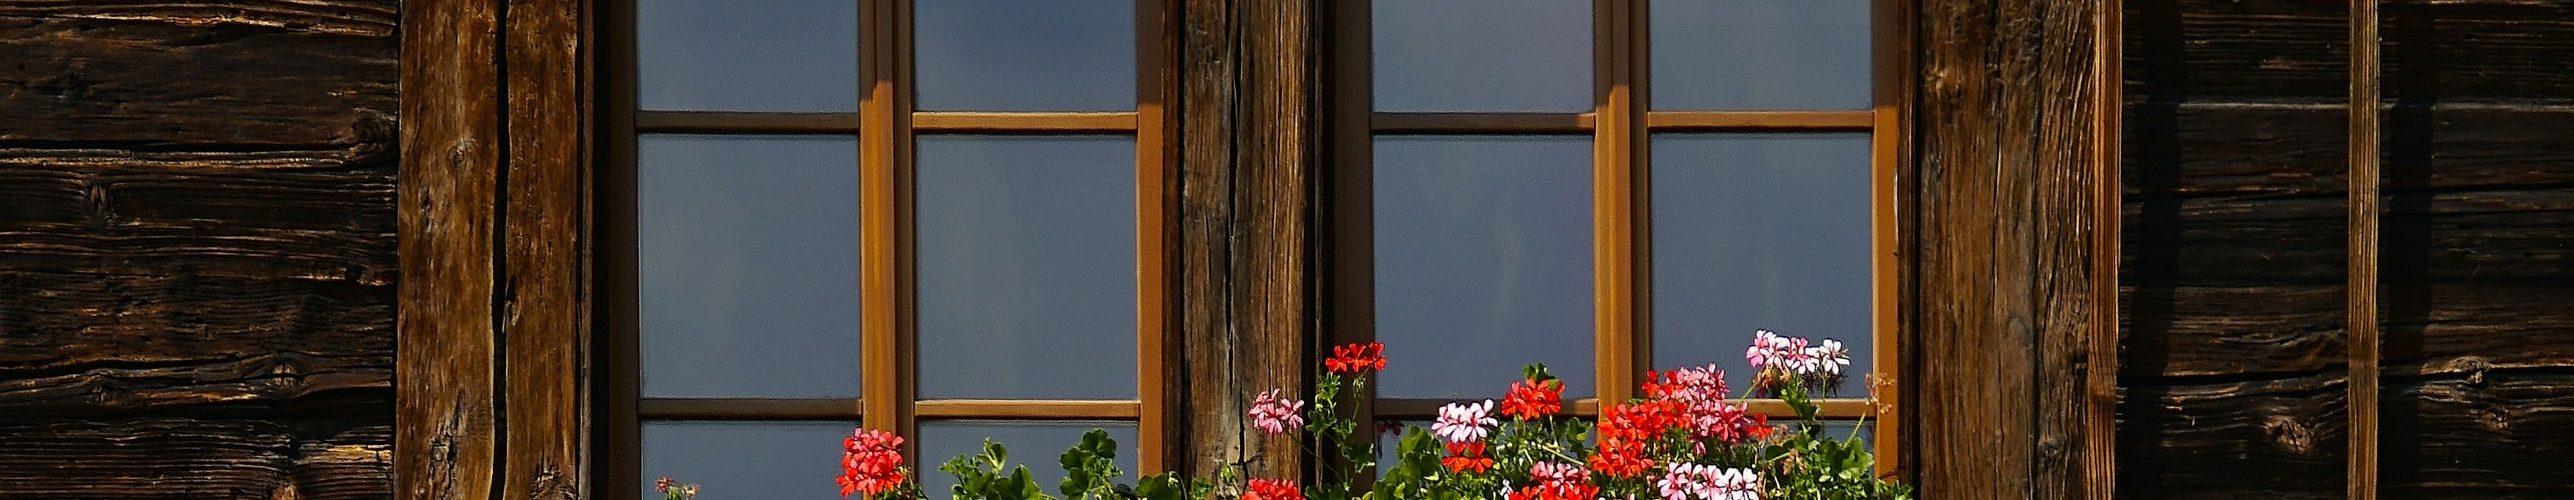 raam-bloembakken-bloemen